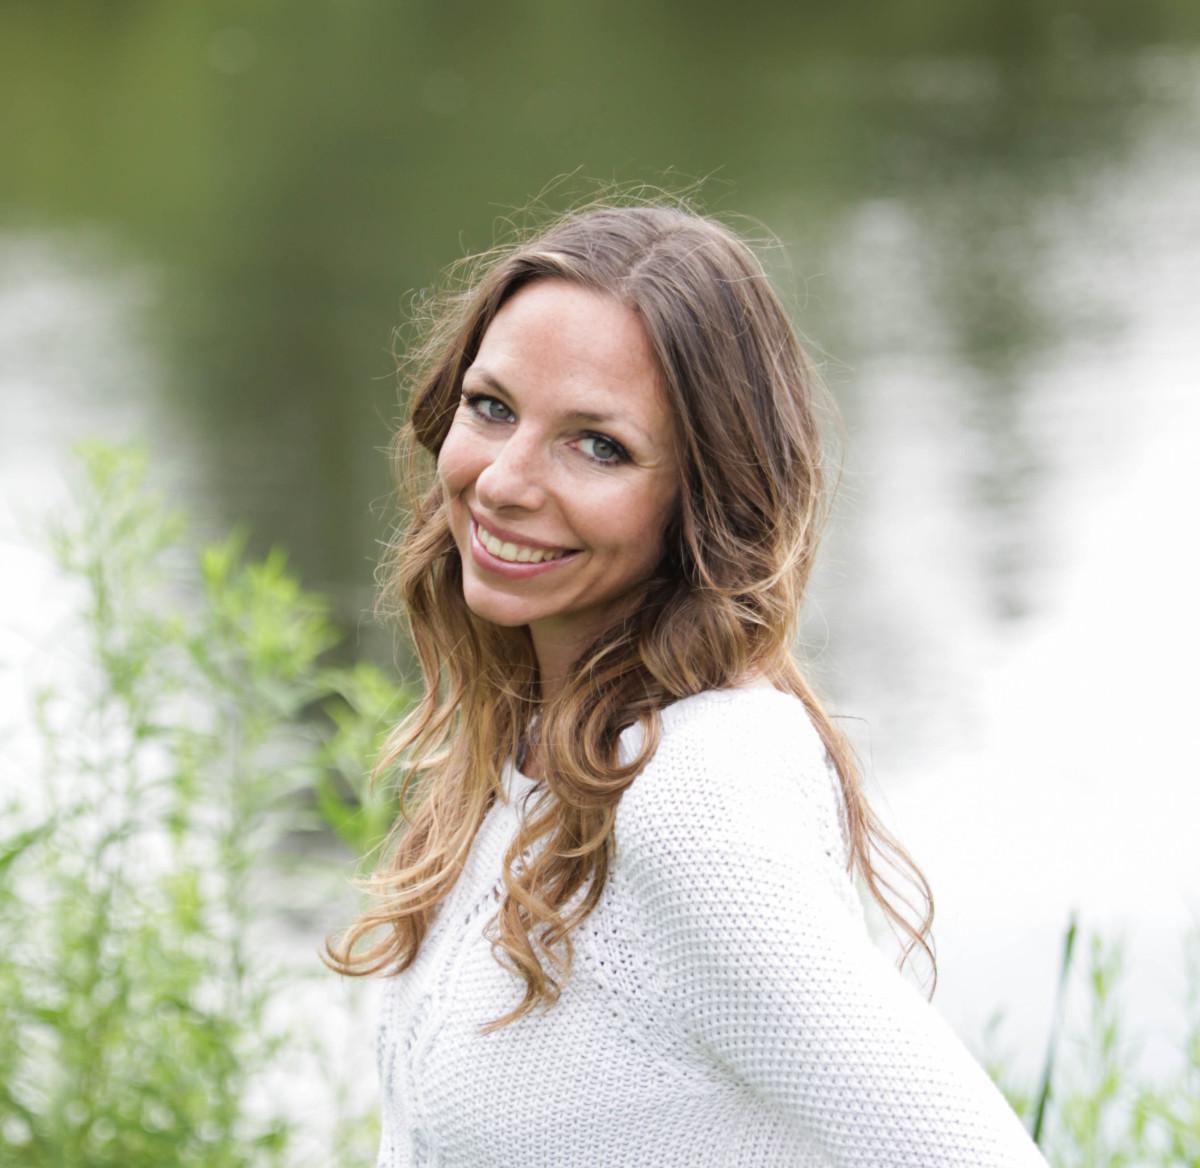 JessicaKastnerGuest